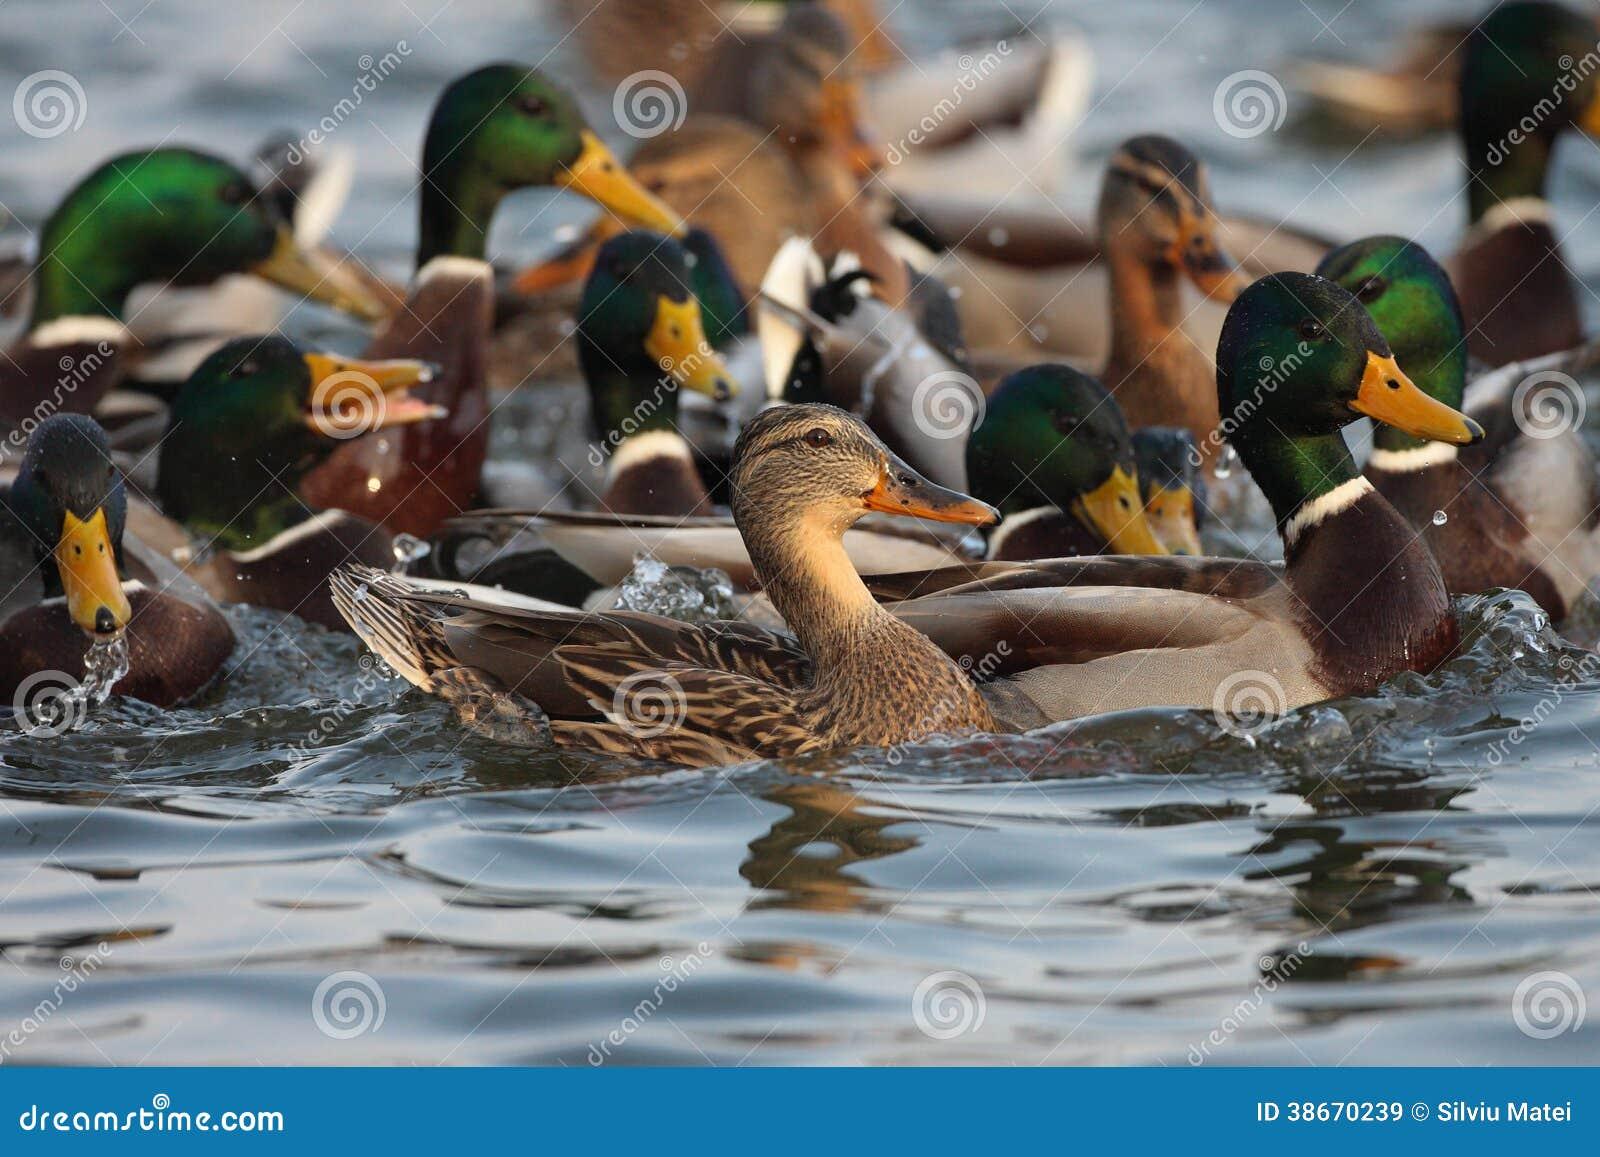 Утка кряквы, мужчина и женское заплывание на пруде.